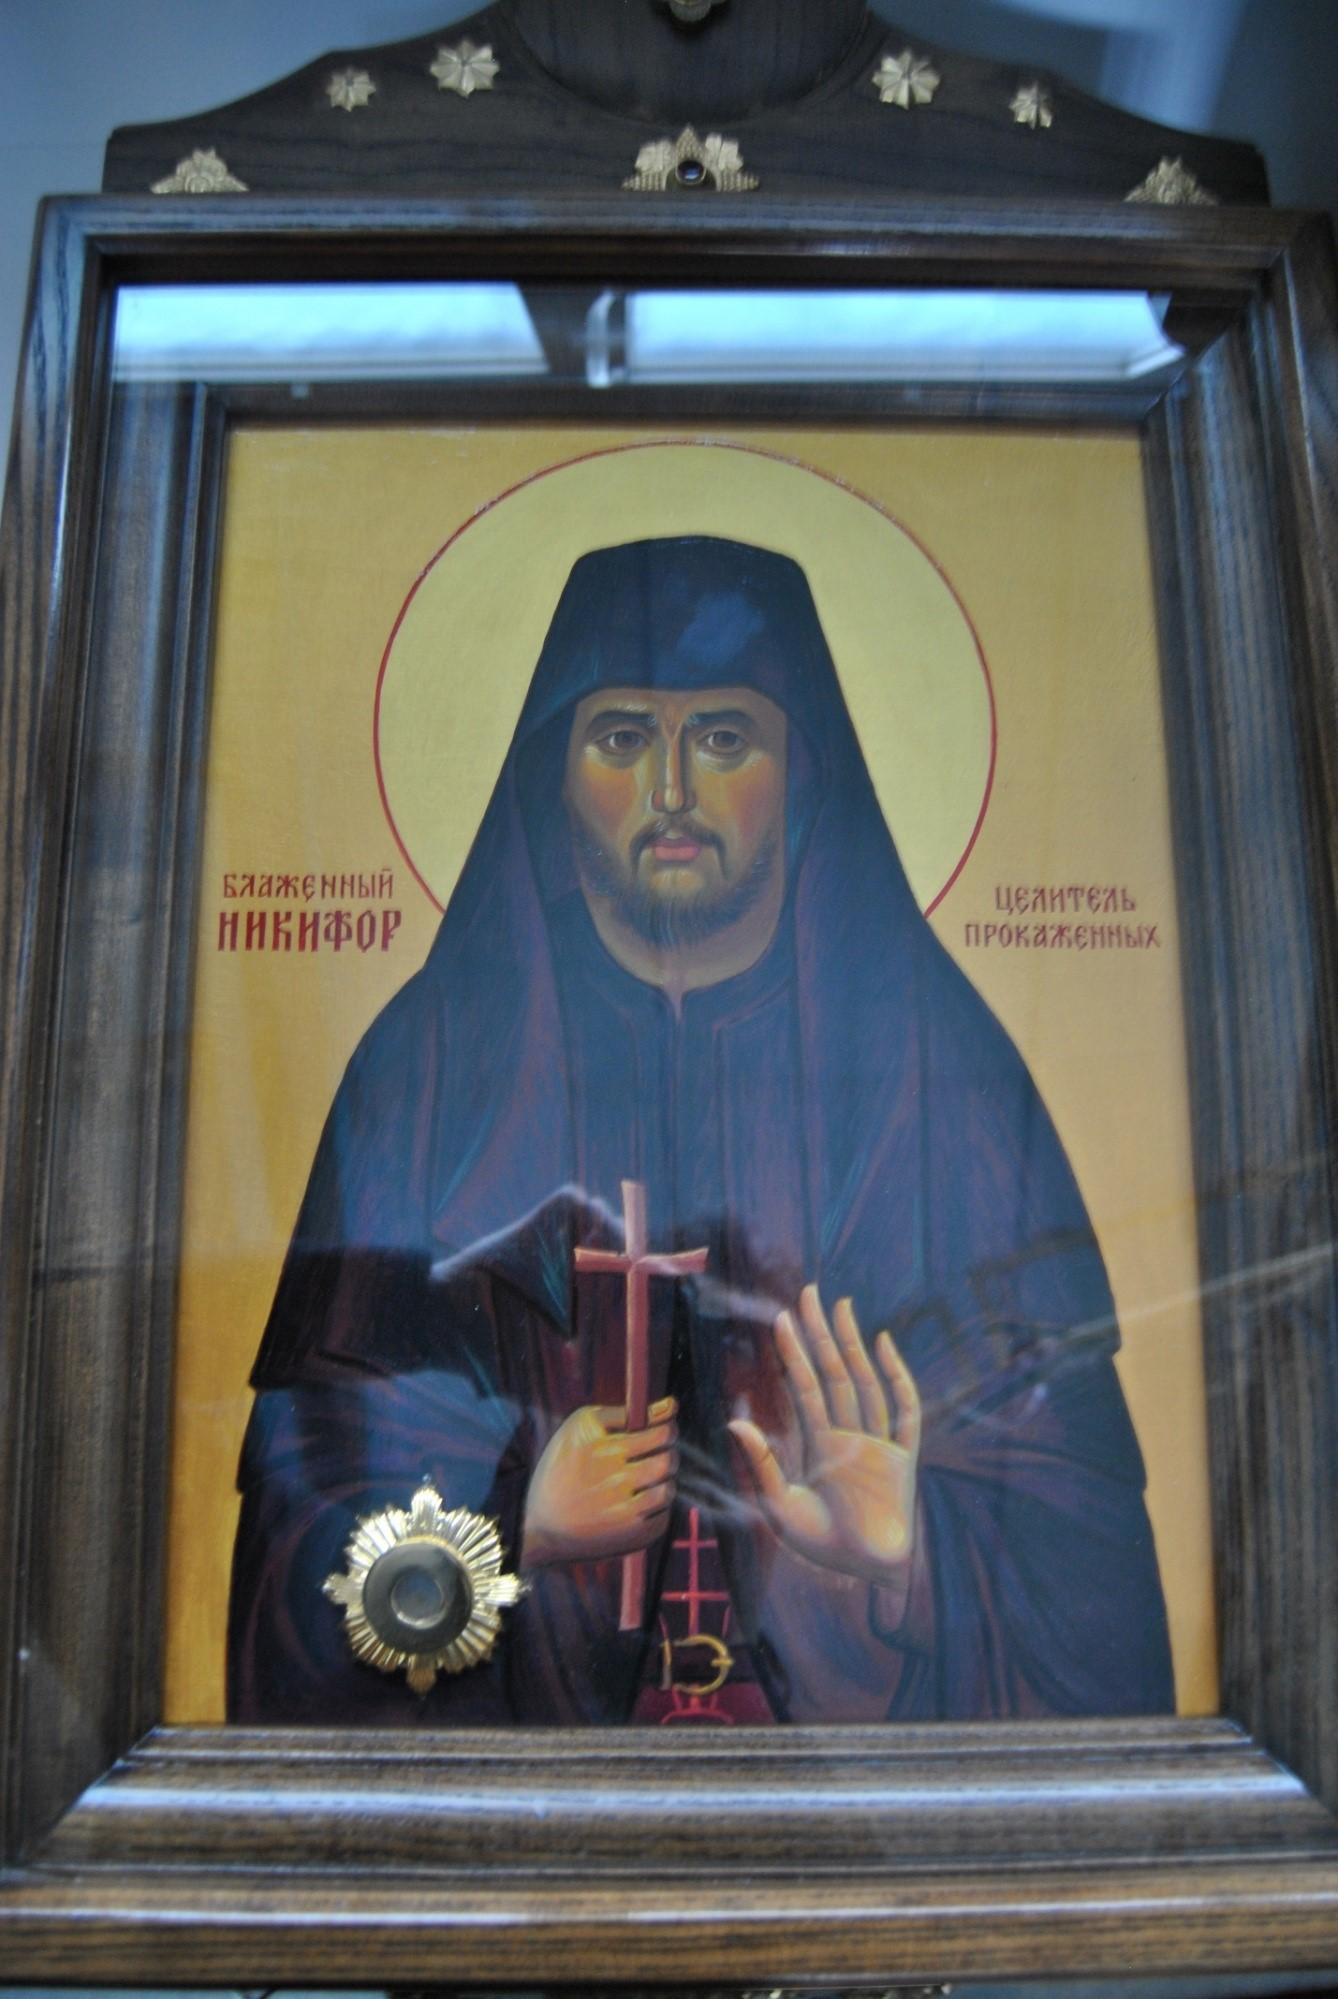 Икона святого преподобного Никифора Прокаженного, с частицей мощей